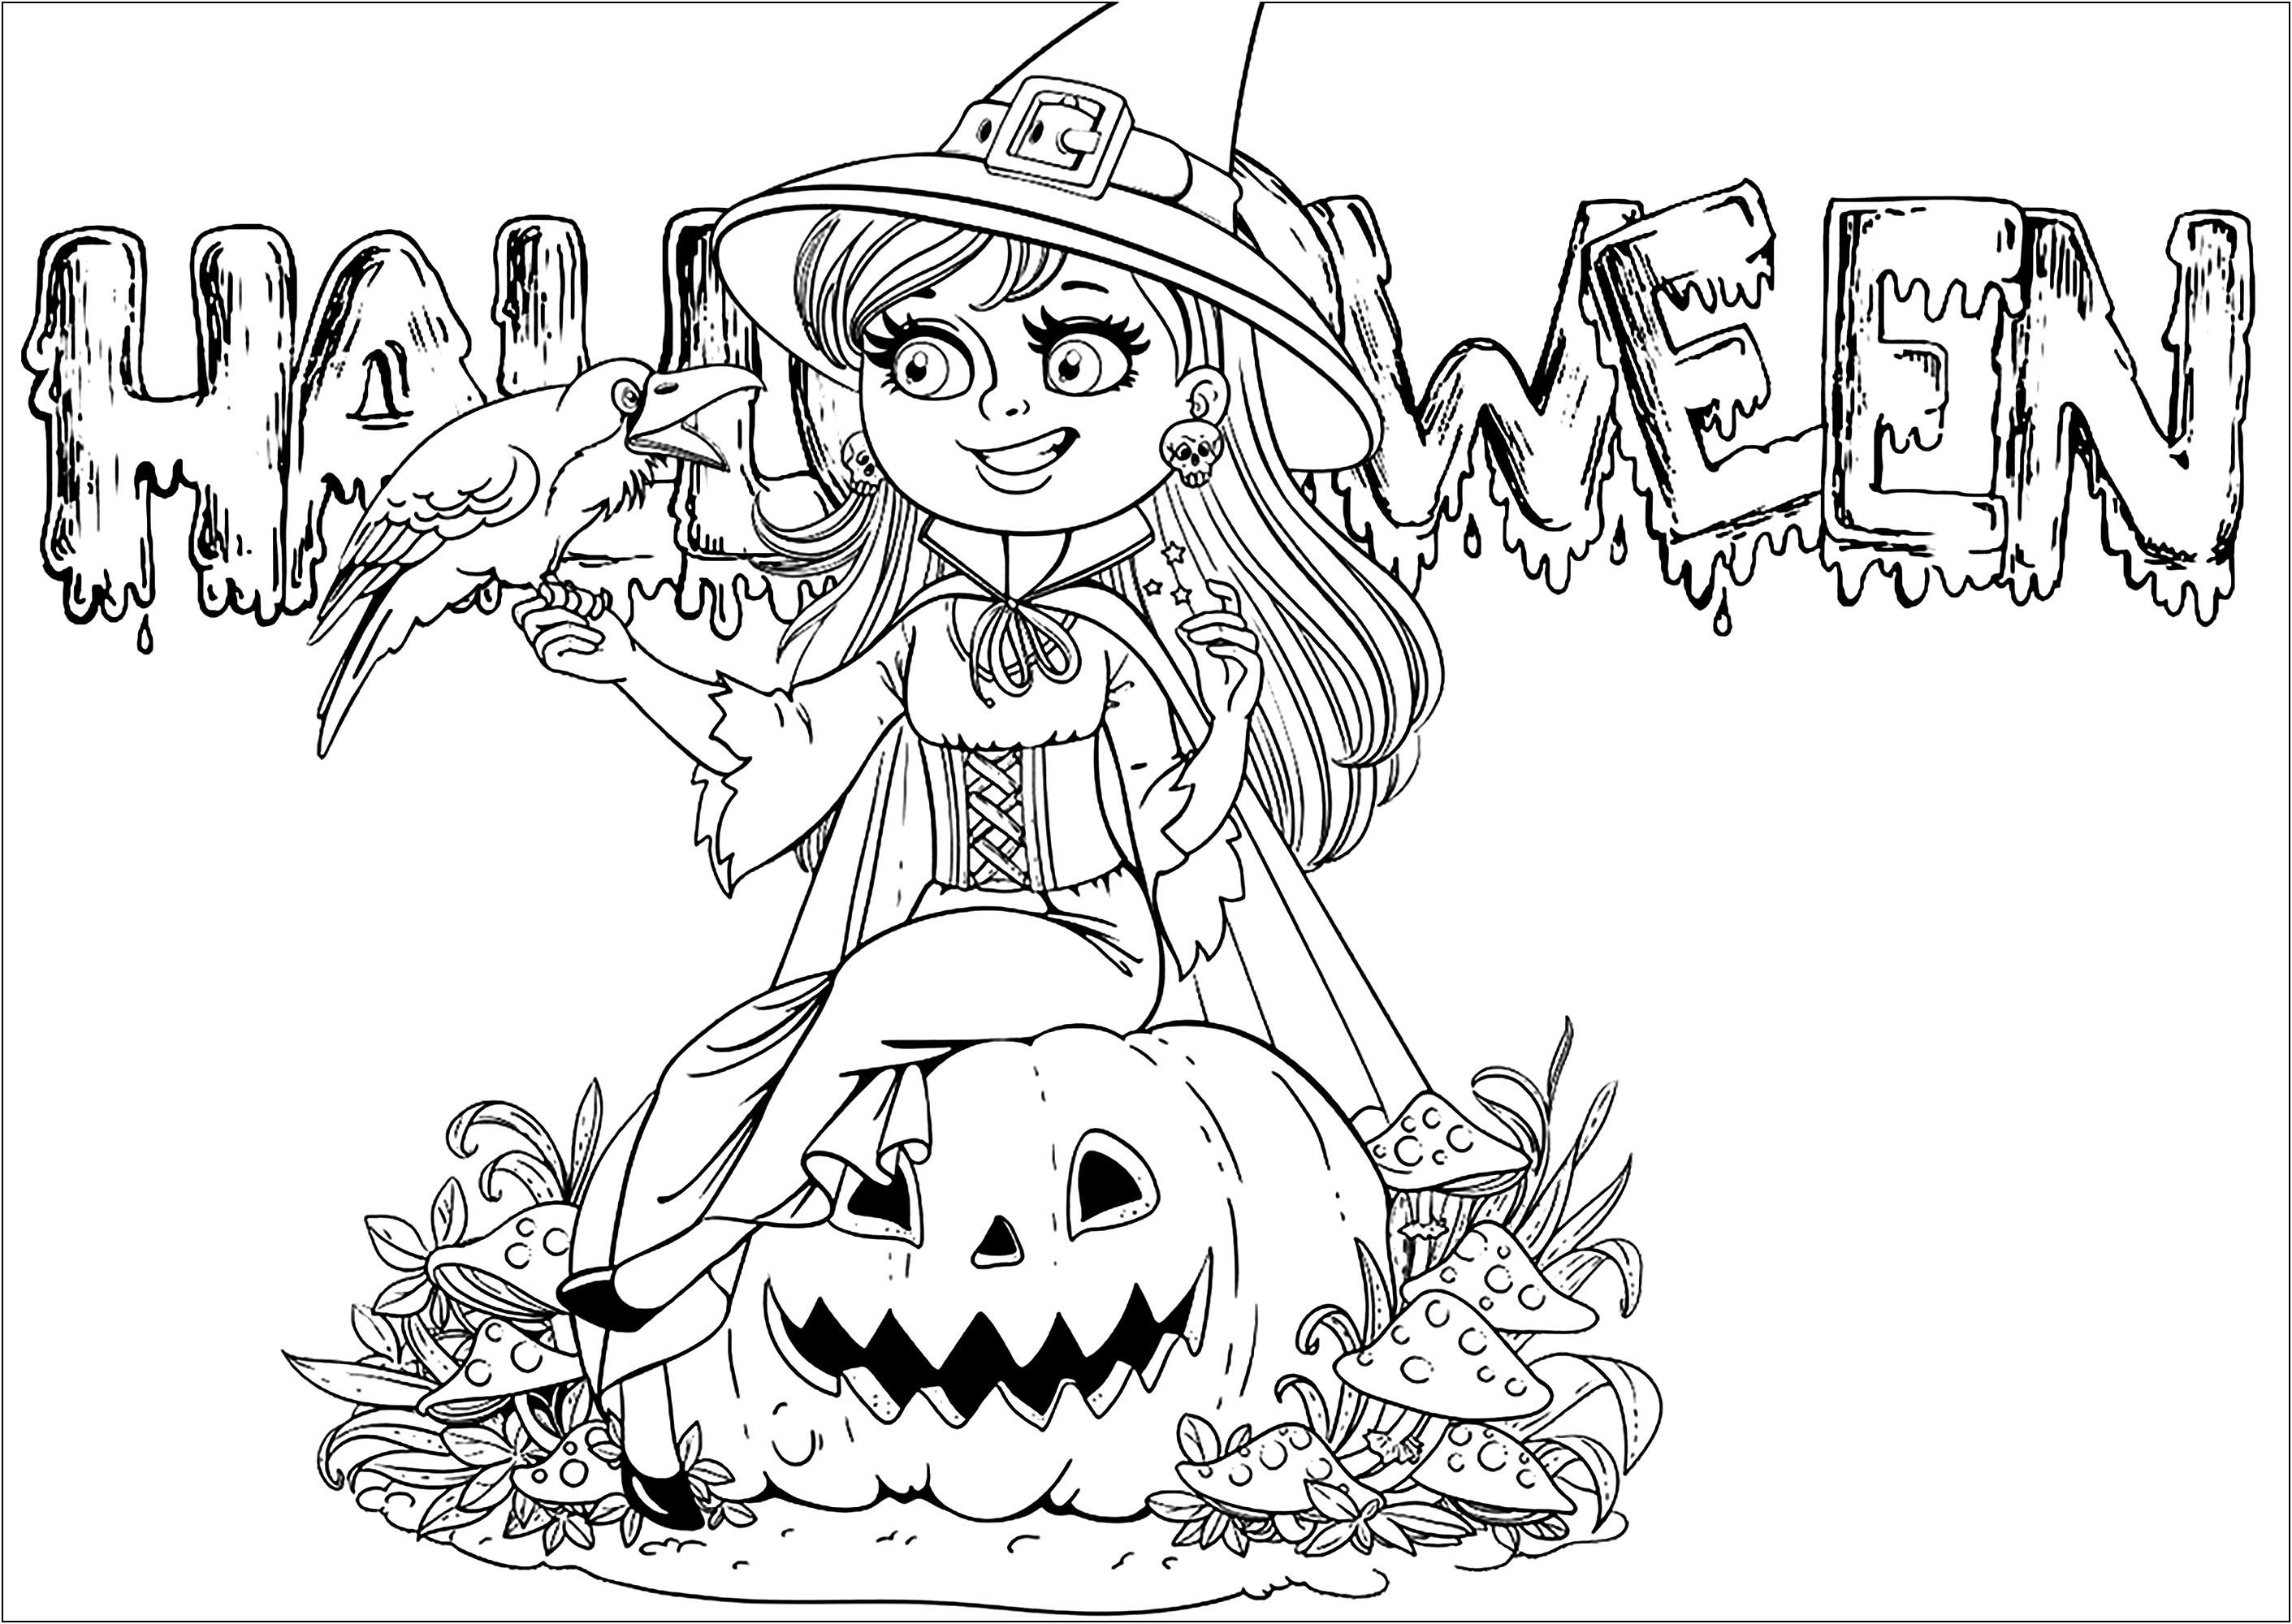 Colorear para Adultos : Halloween - 4